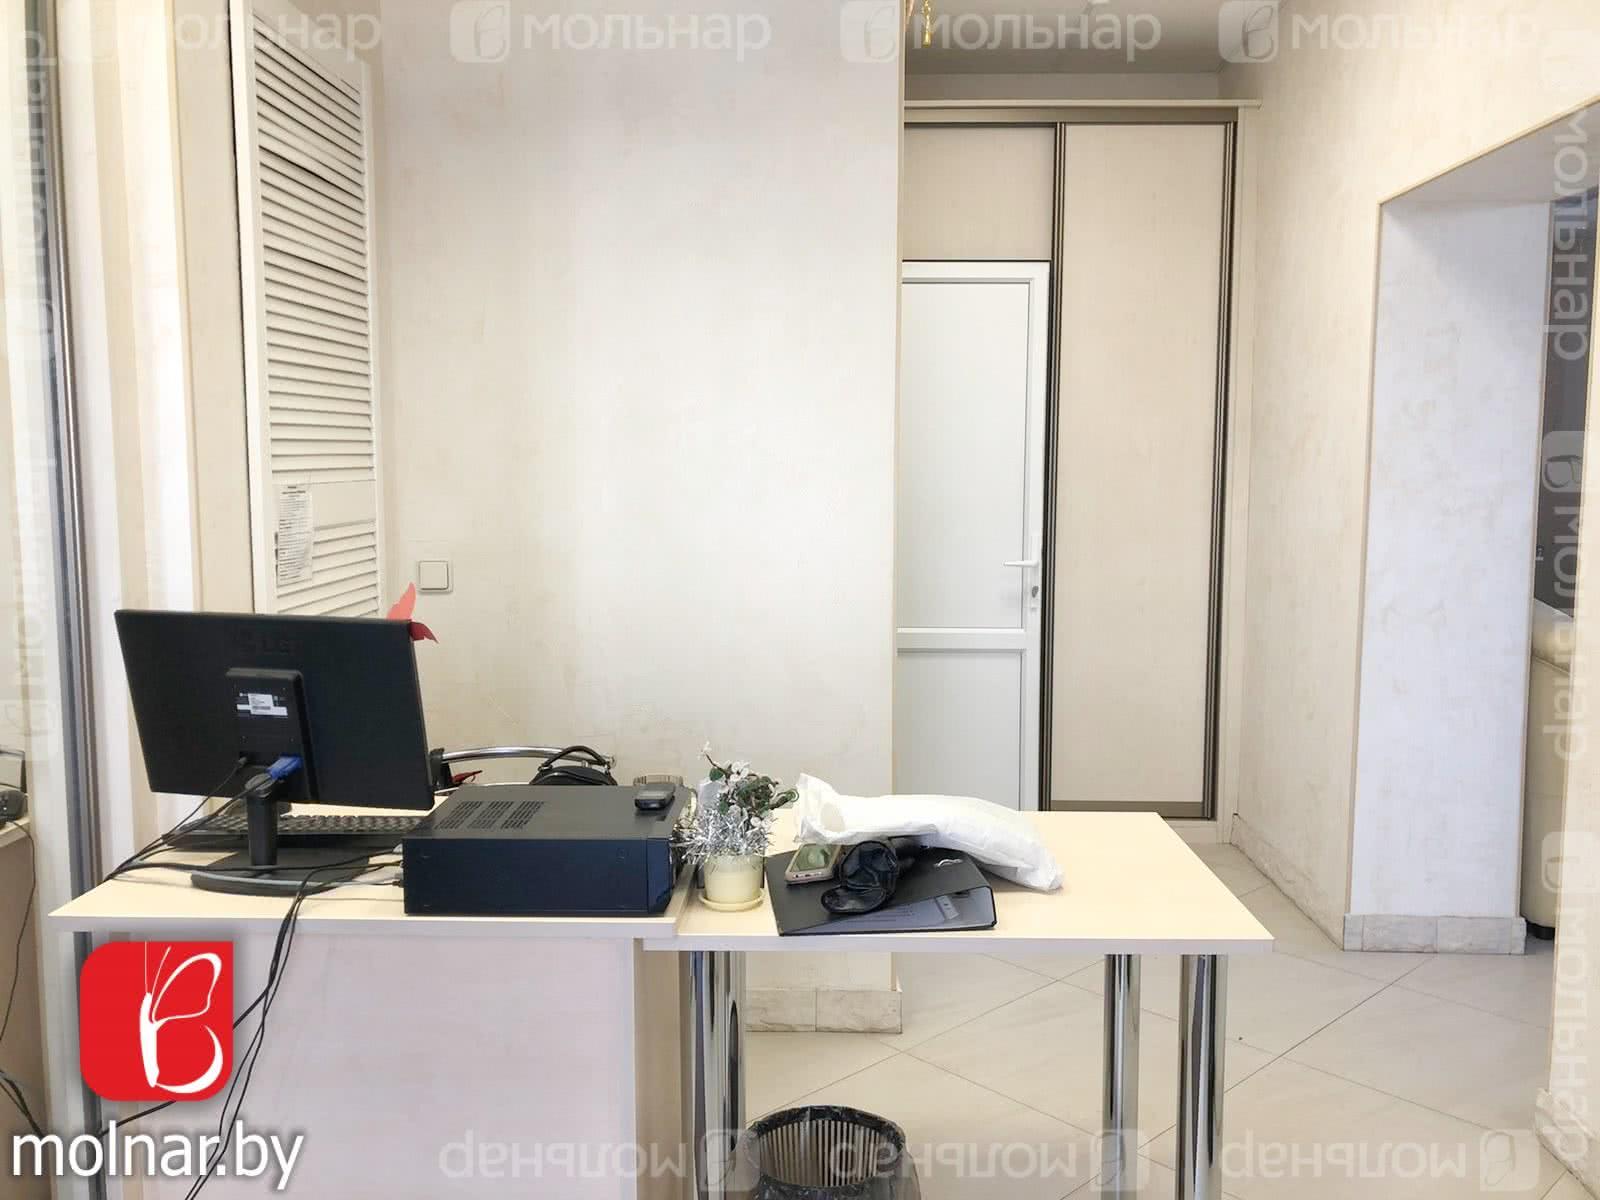 Аренда офиса на ул. Сурганова, д. 25 в Минске - фото 5